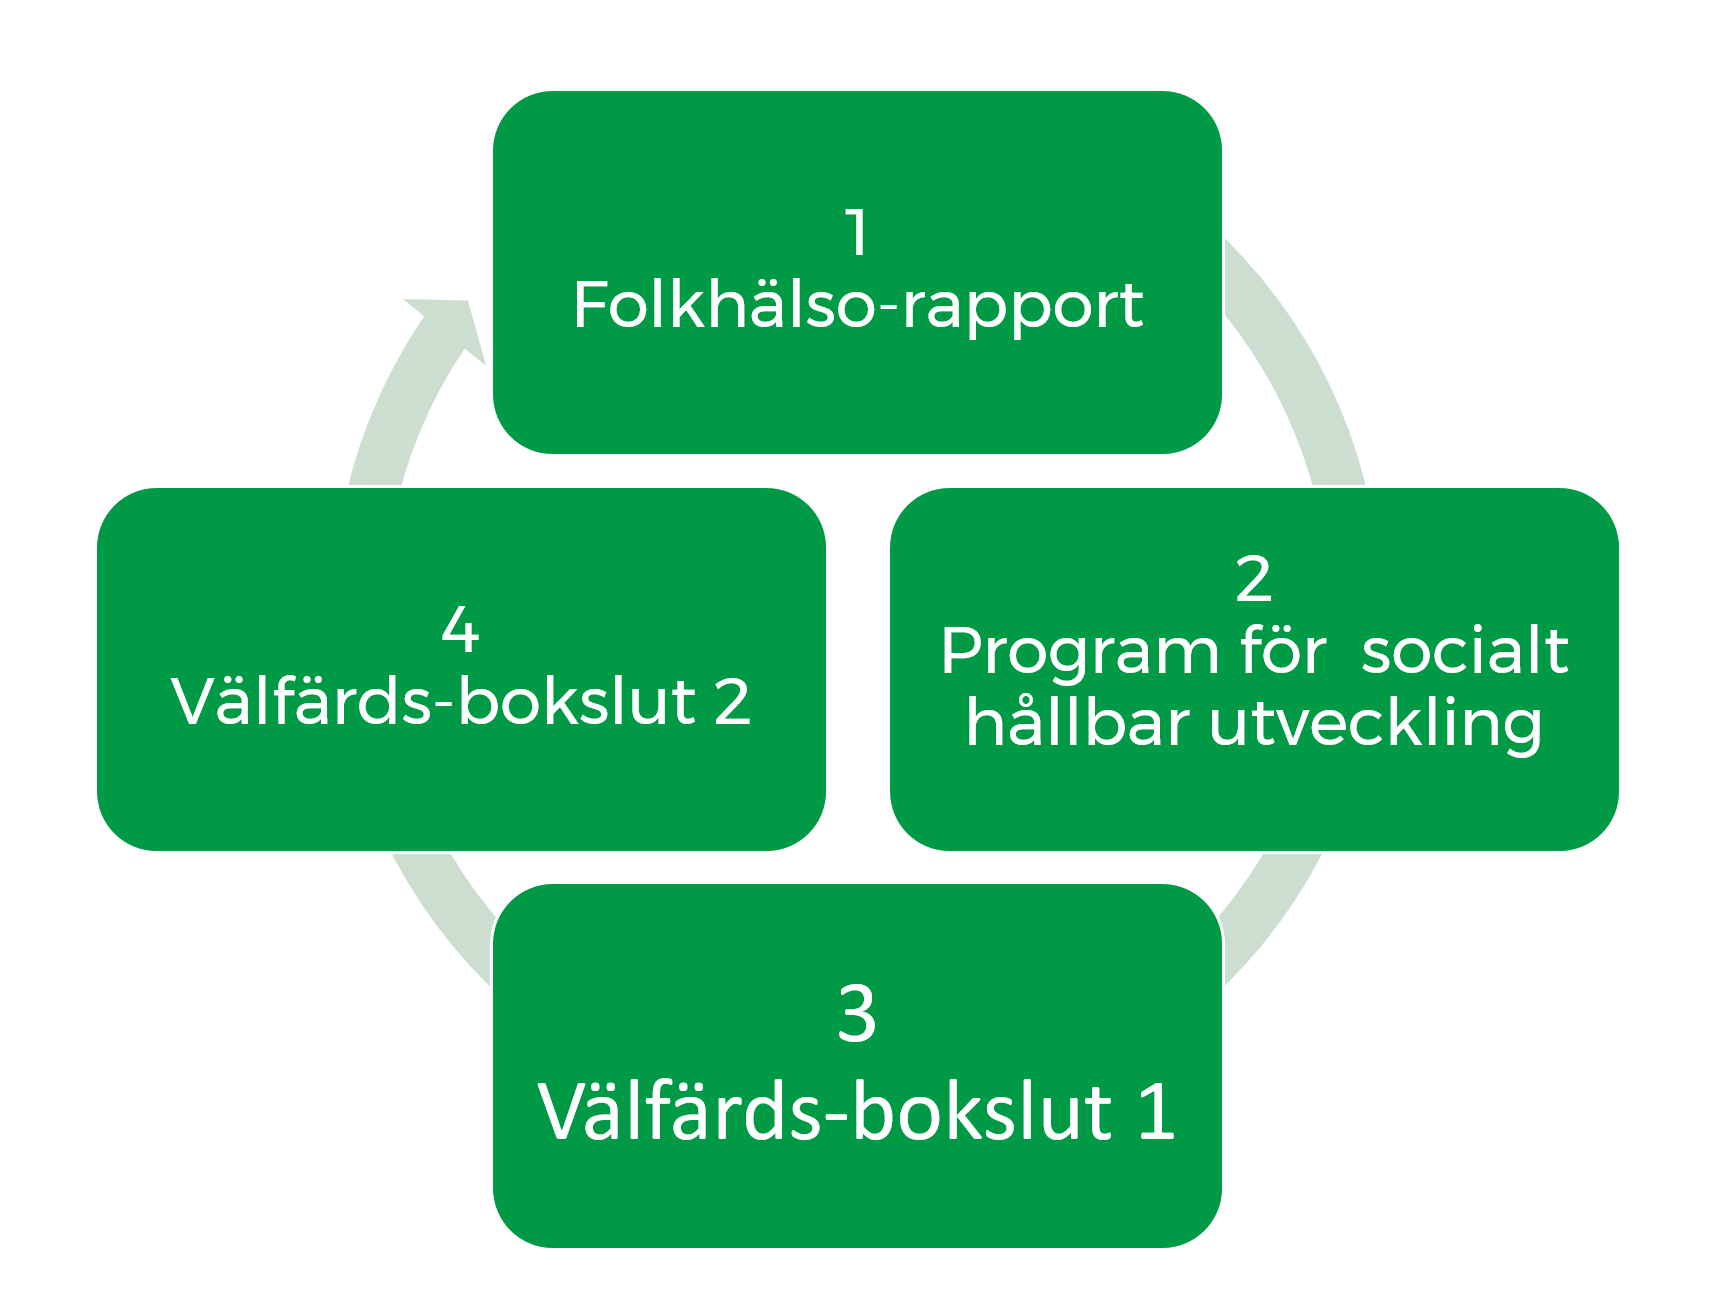 Arbetshjul som visar hur Eslövs kommun arbetar med folkhälsa. 1. Folkhälsorapport, 2. Program för socialt hållbar utveckling, 3. Välfärdsbokslut 1, 4. Välfärdsbokslut 2.